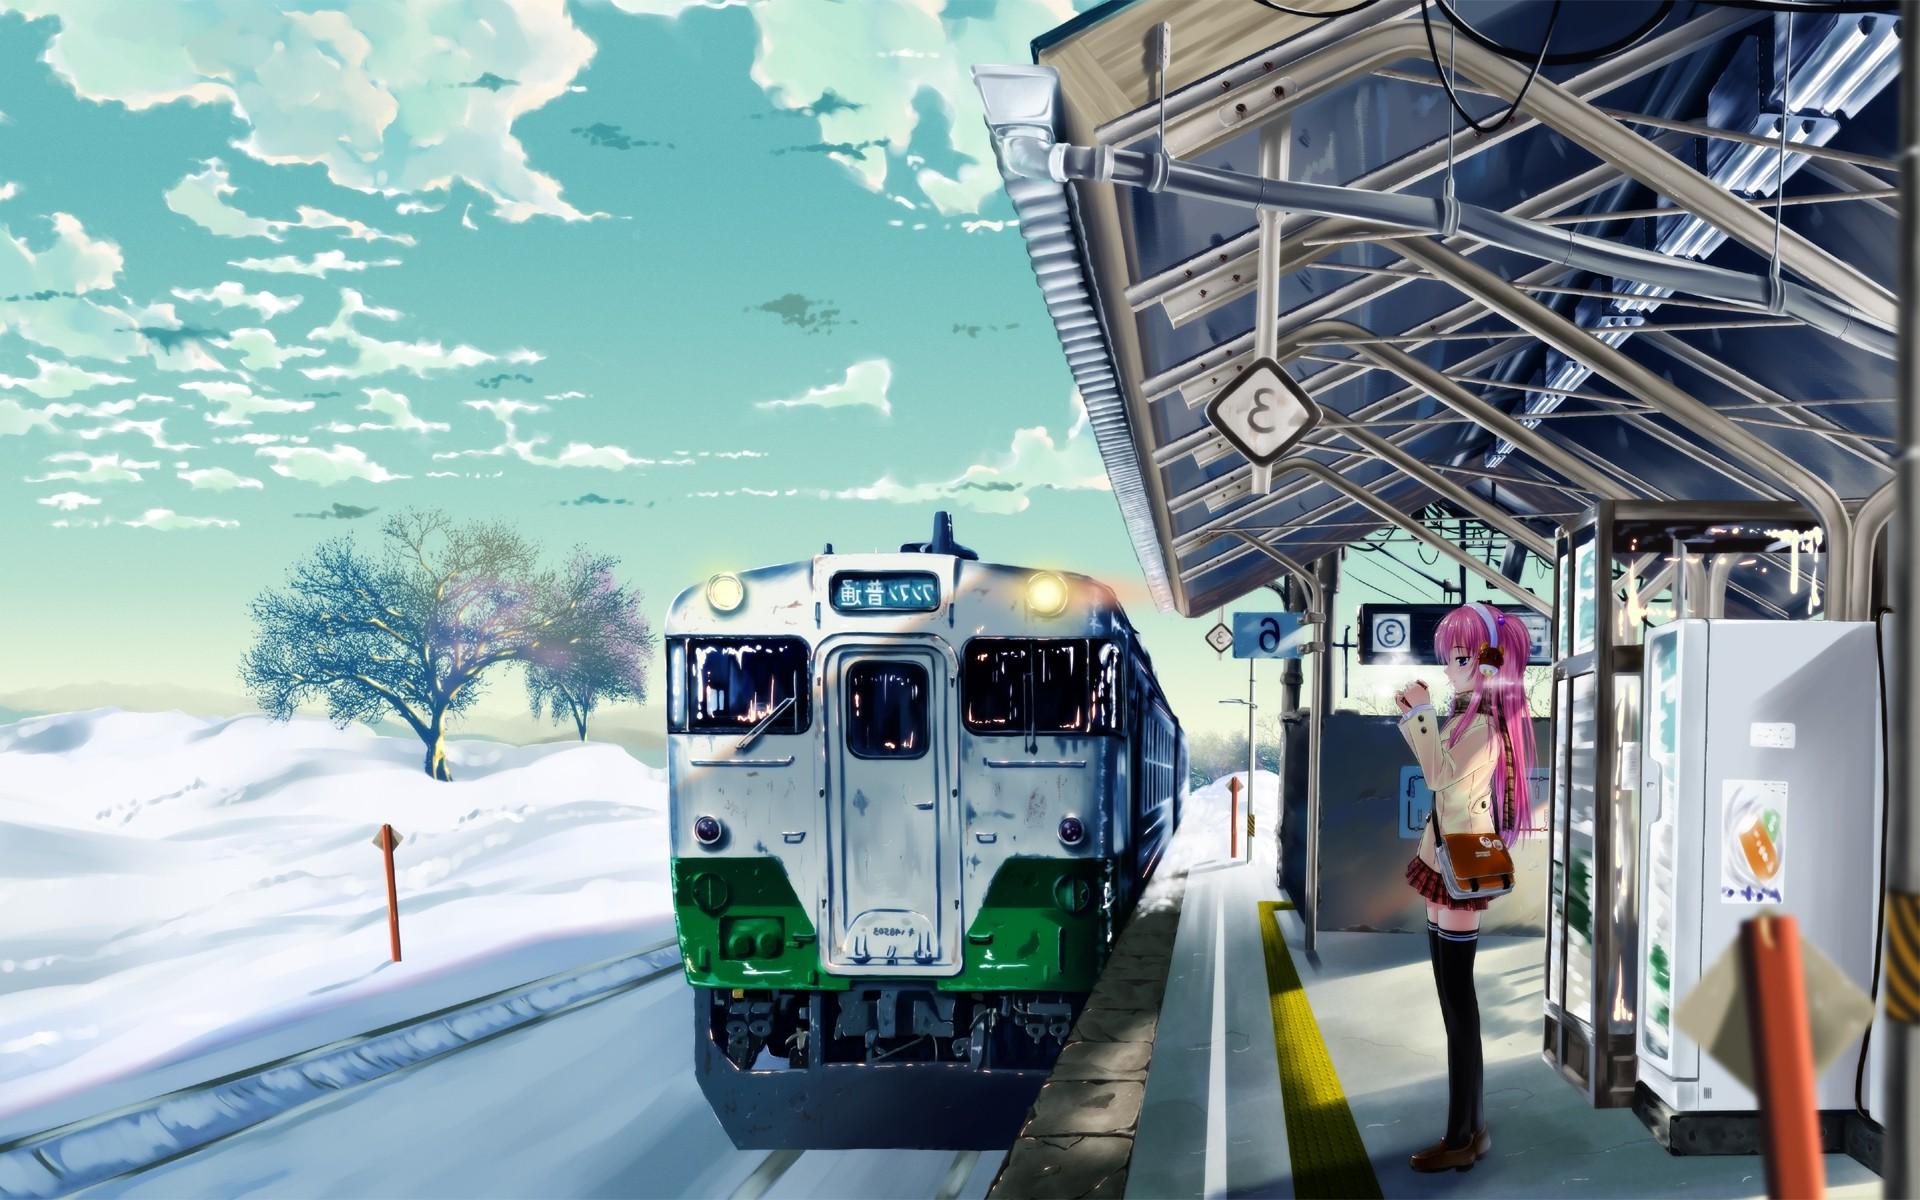 Аниме картинки с поездами